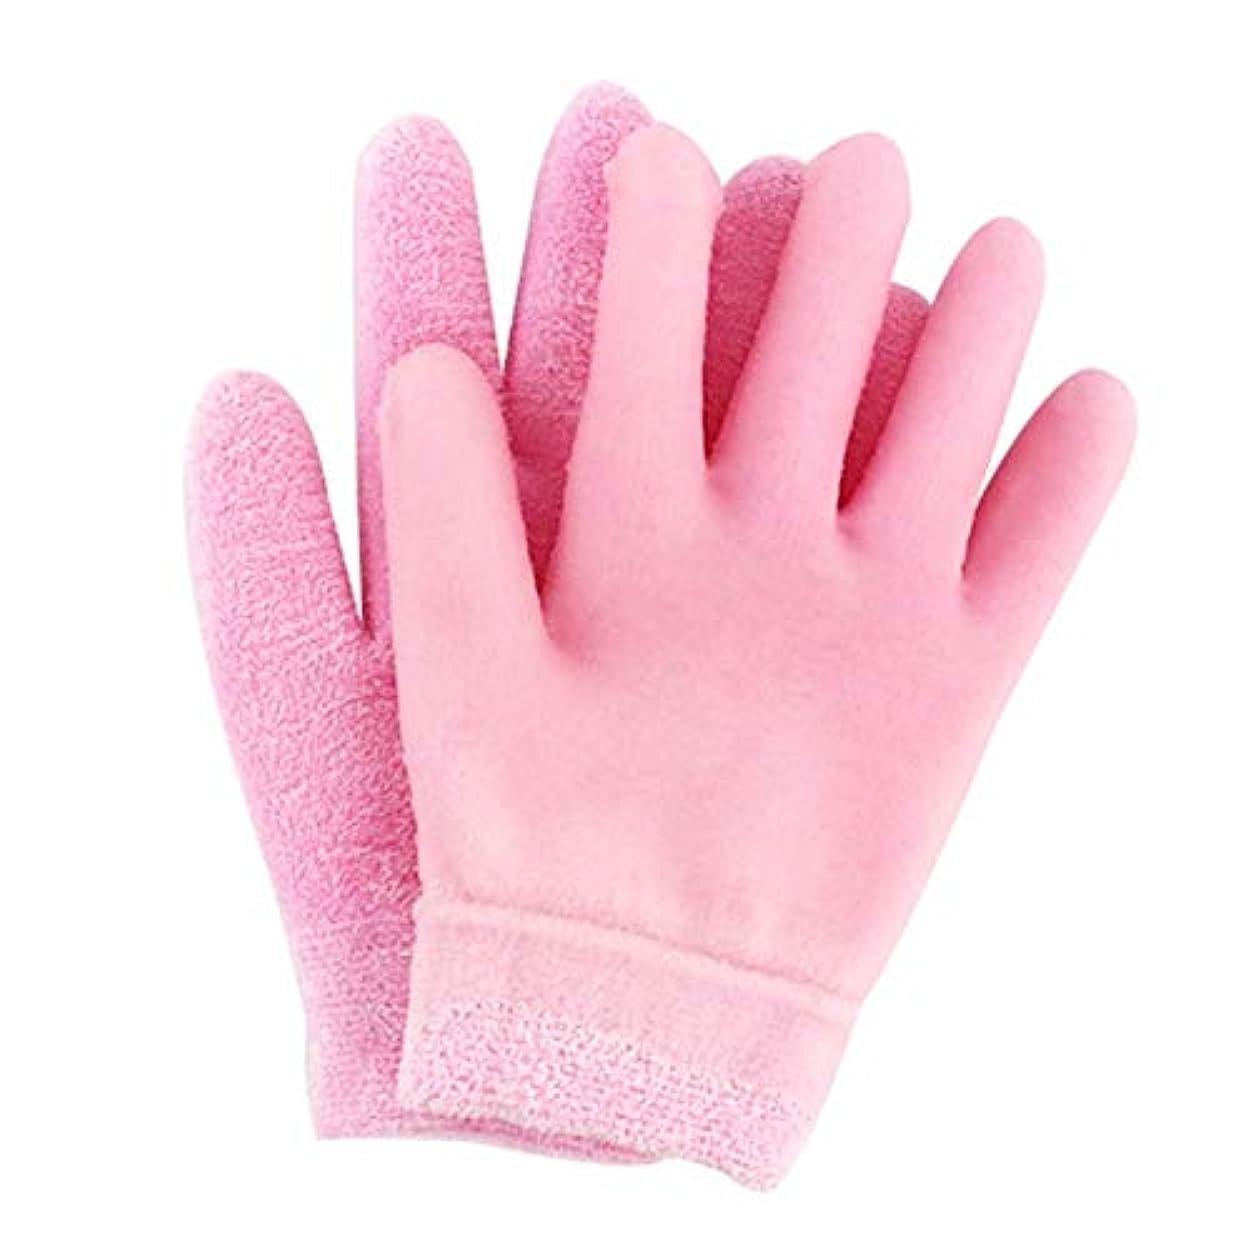 酸化するリズミカルなはげchaselpod 美容 保湿 手袋 ハイドロ ジェル グローブ 手荒れ対策 フリーサイズ